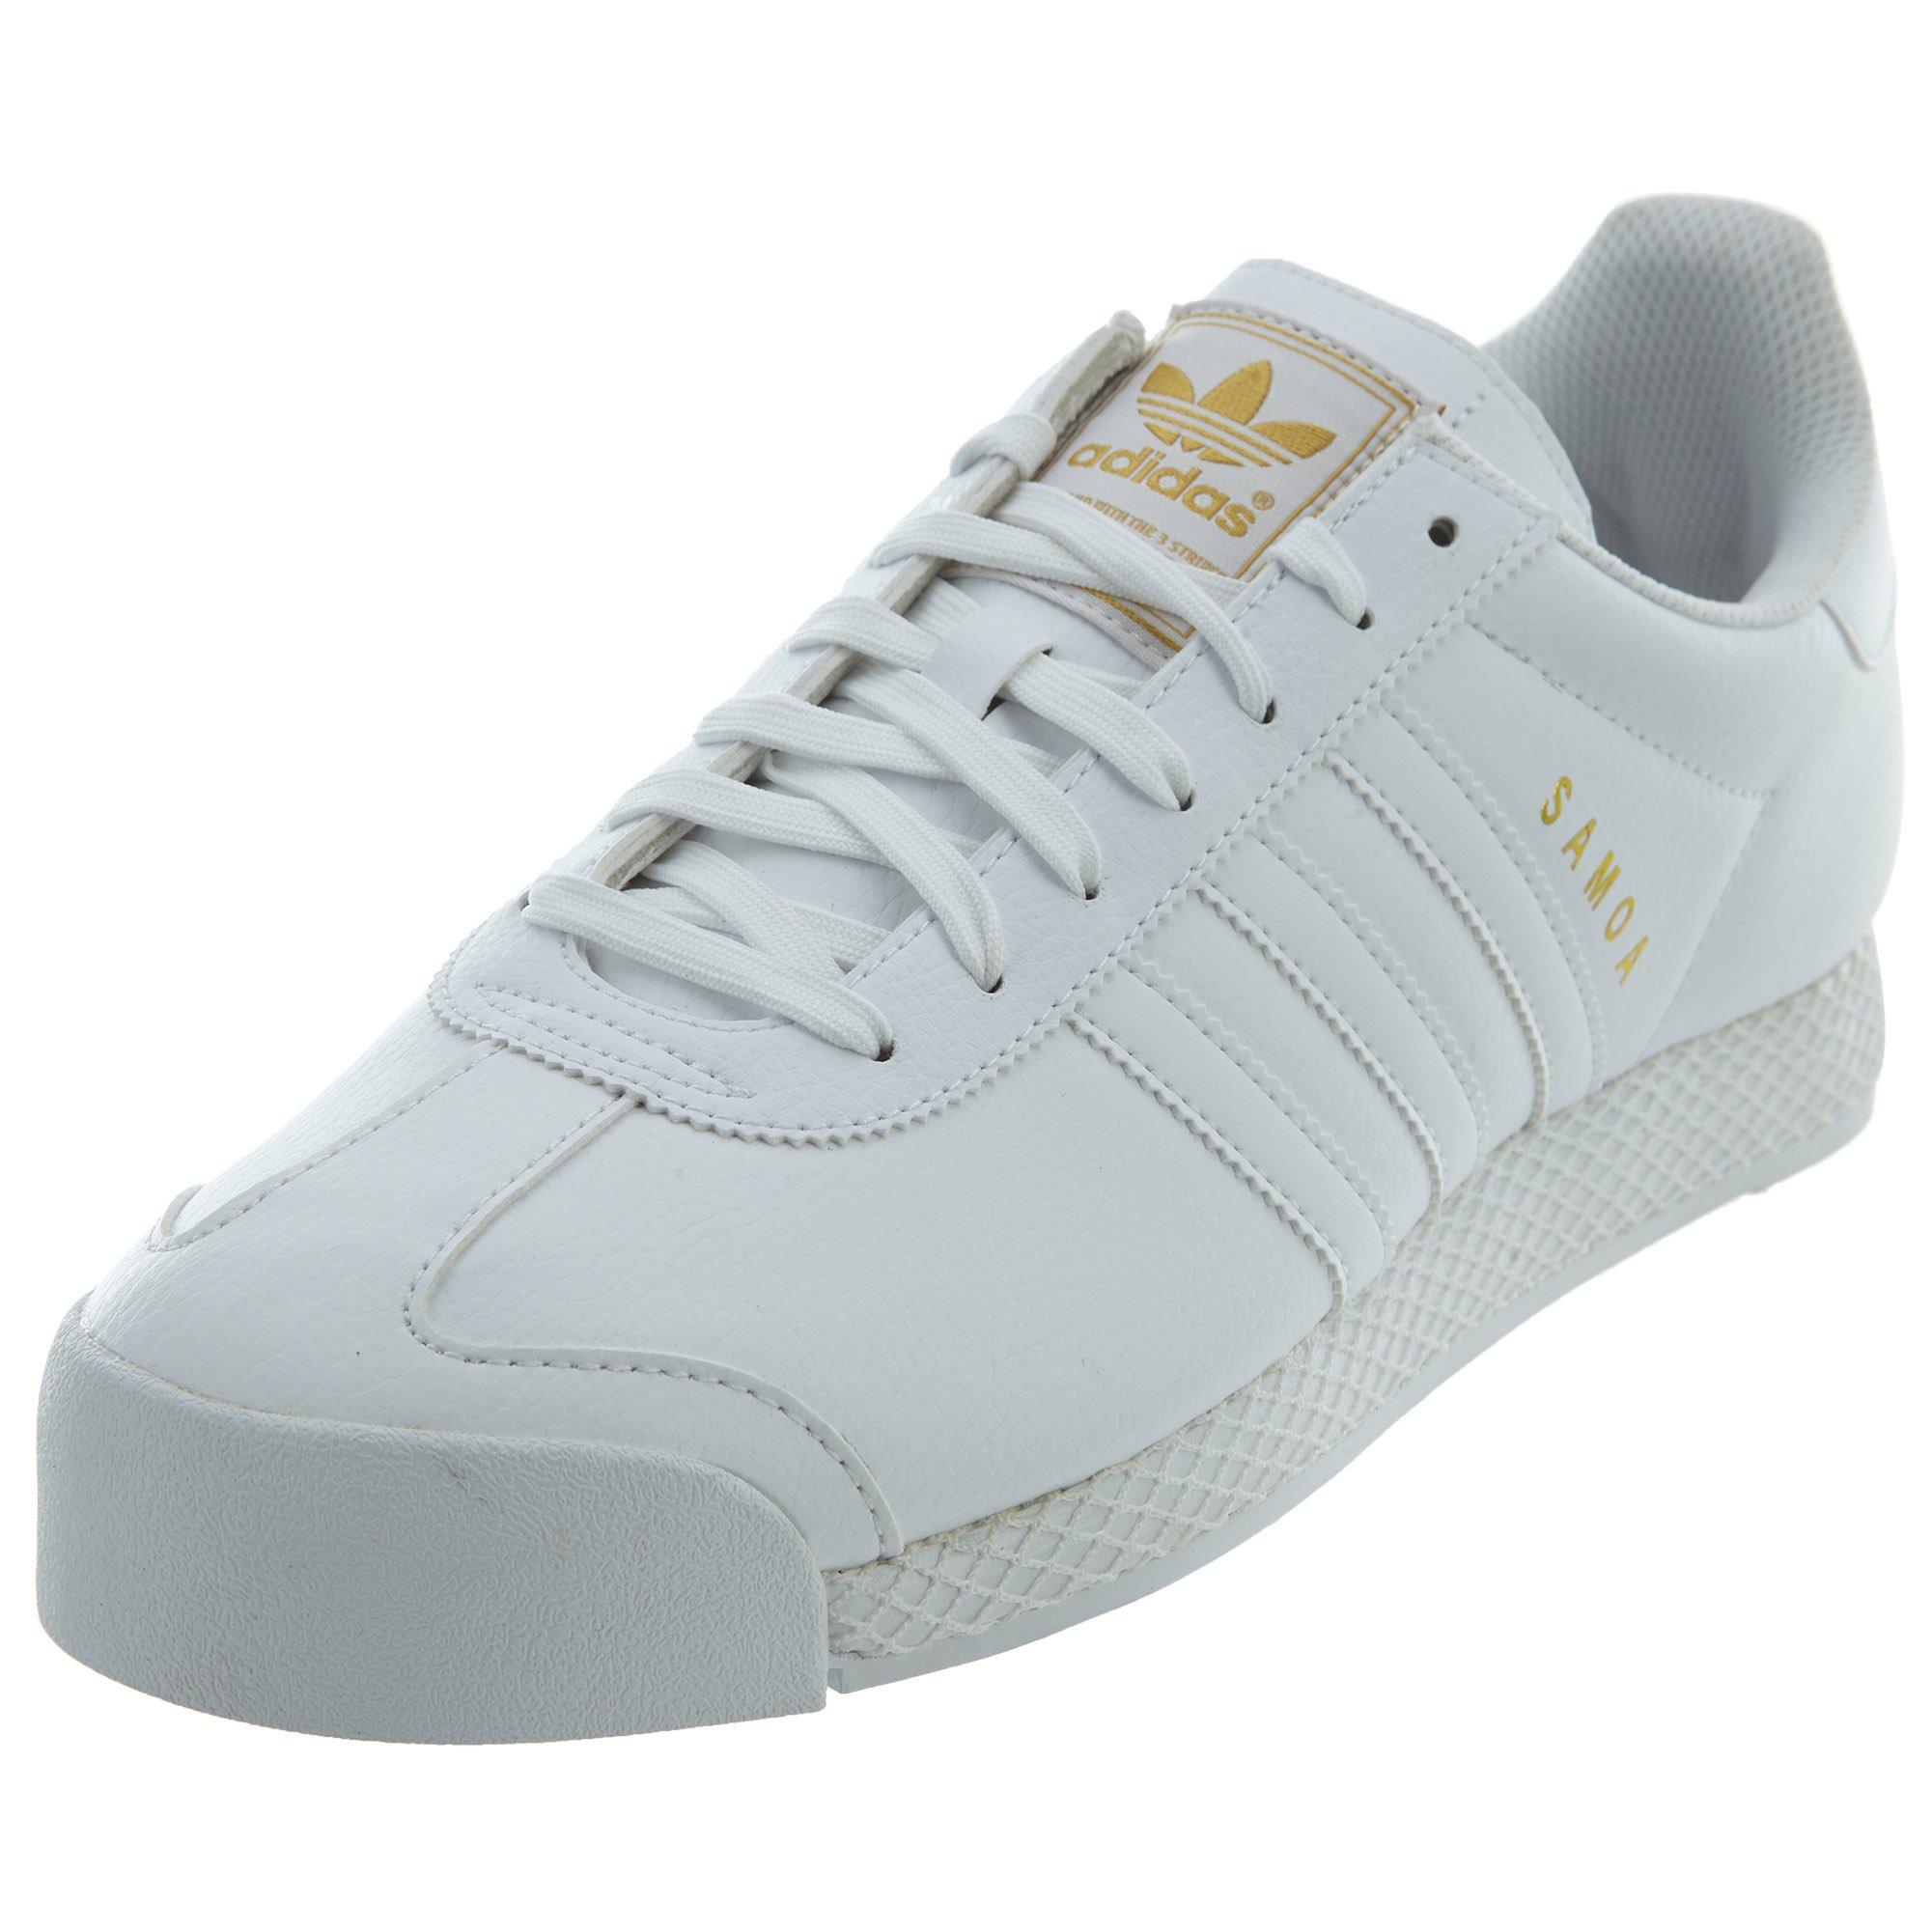 a8ef5f1c83524 adidas Originals Men's Samoa Retro Sneaker,White/White/Gold,10.5 M US